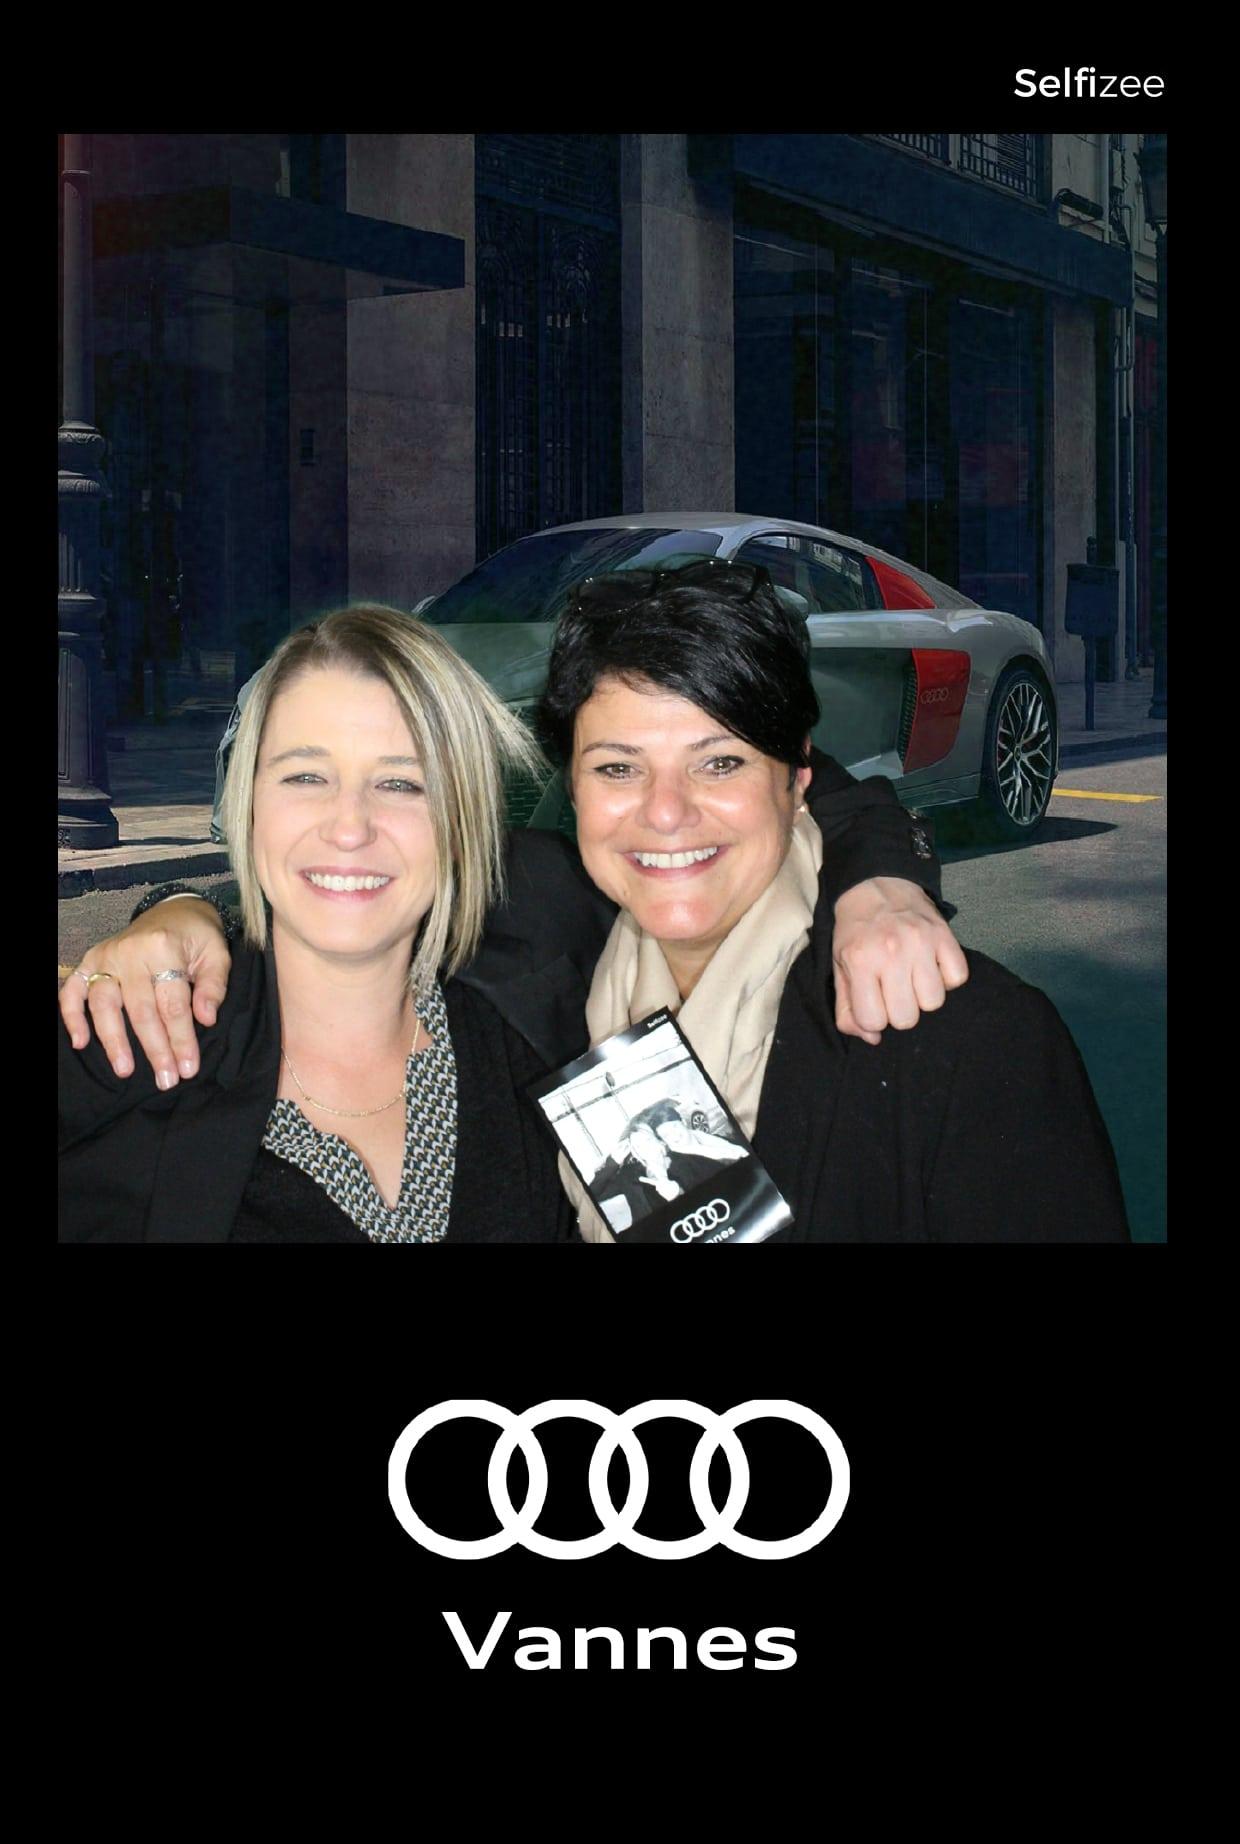 Selfie via borne photo et animation fond vert lors du lancement de la nouvelle voiture Audi Q3 Sportback à Vannes novembre 2019